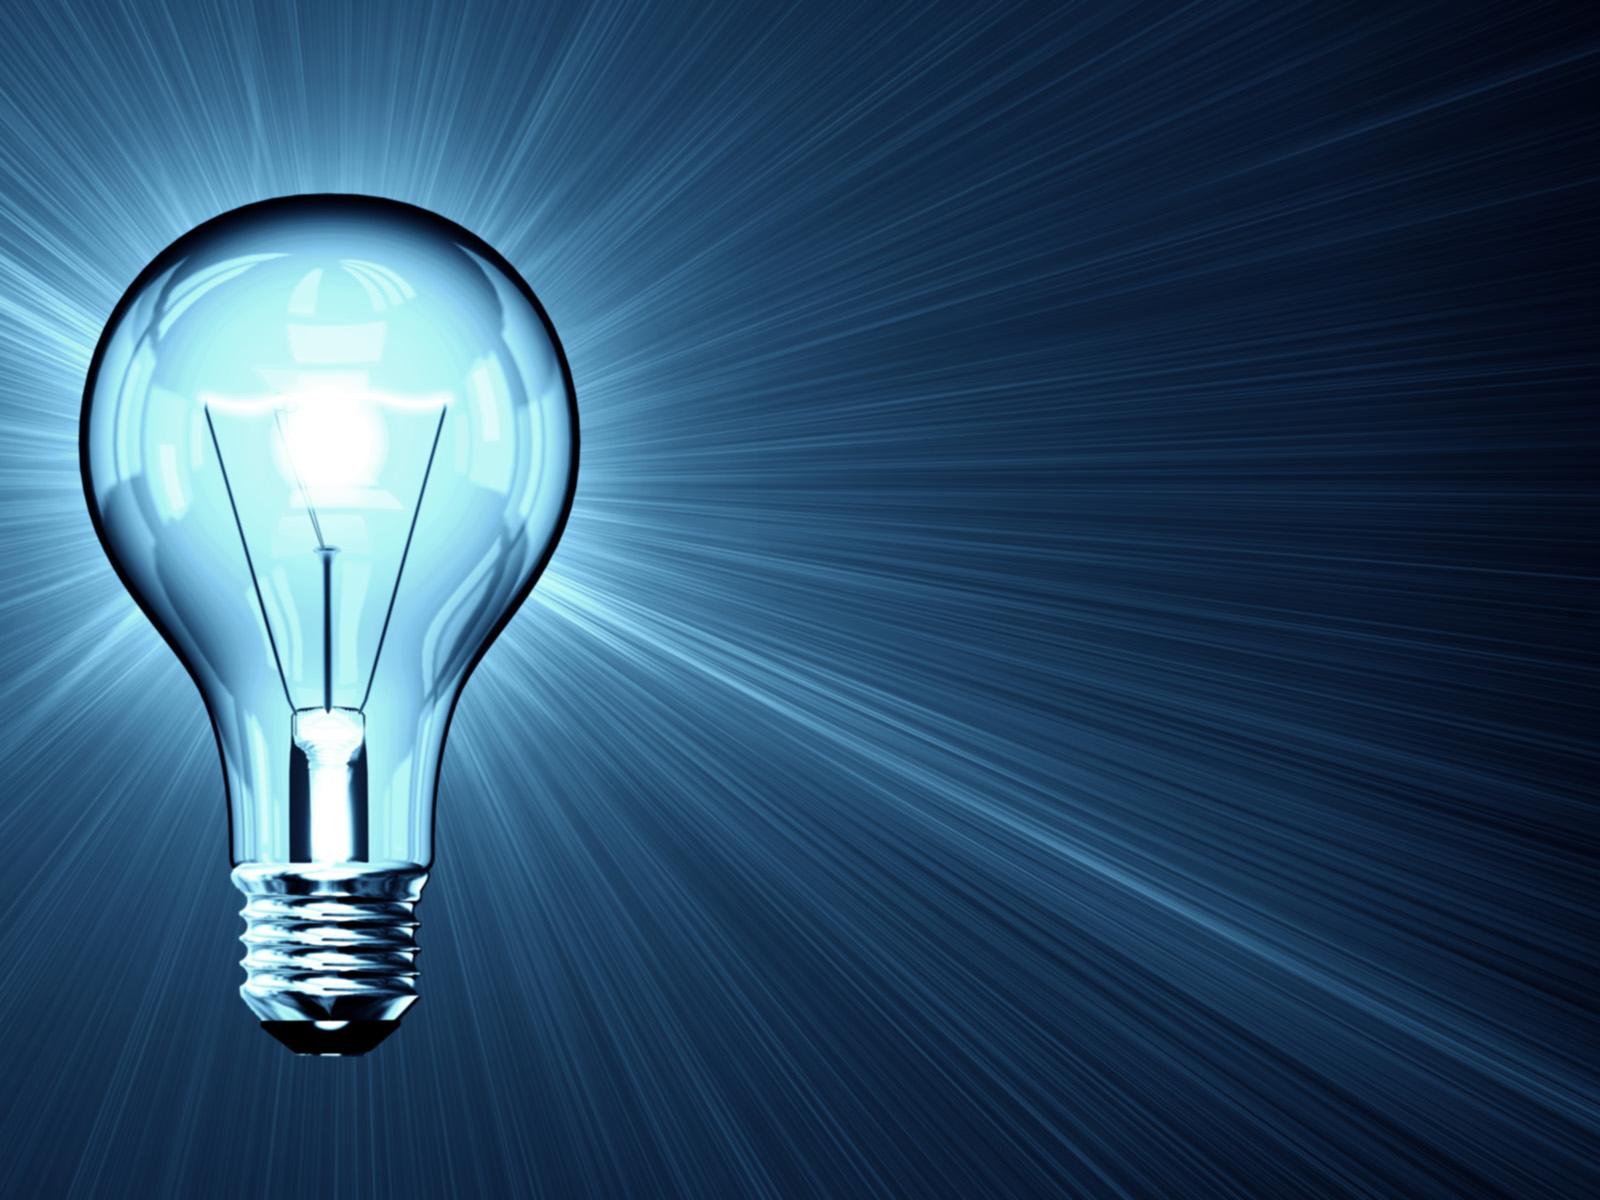 что картинки для презентации электроэнергия что фото